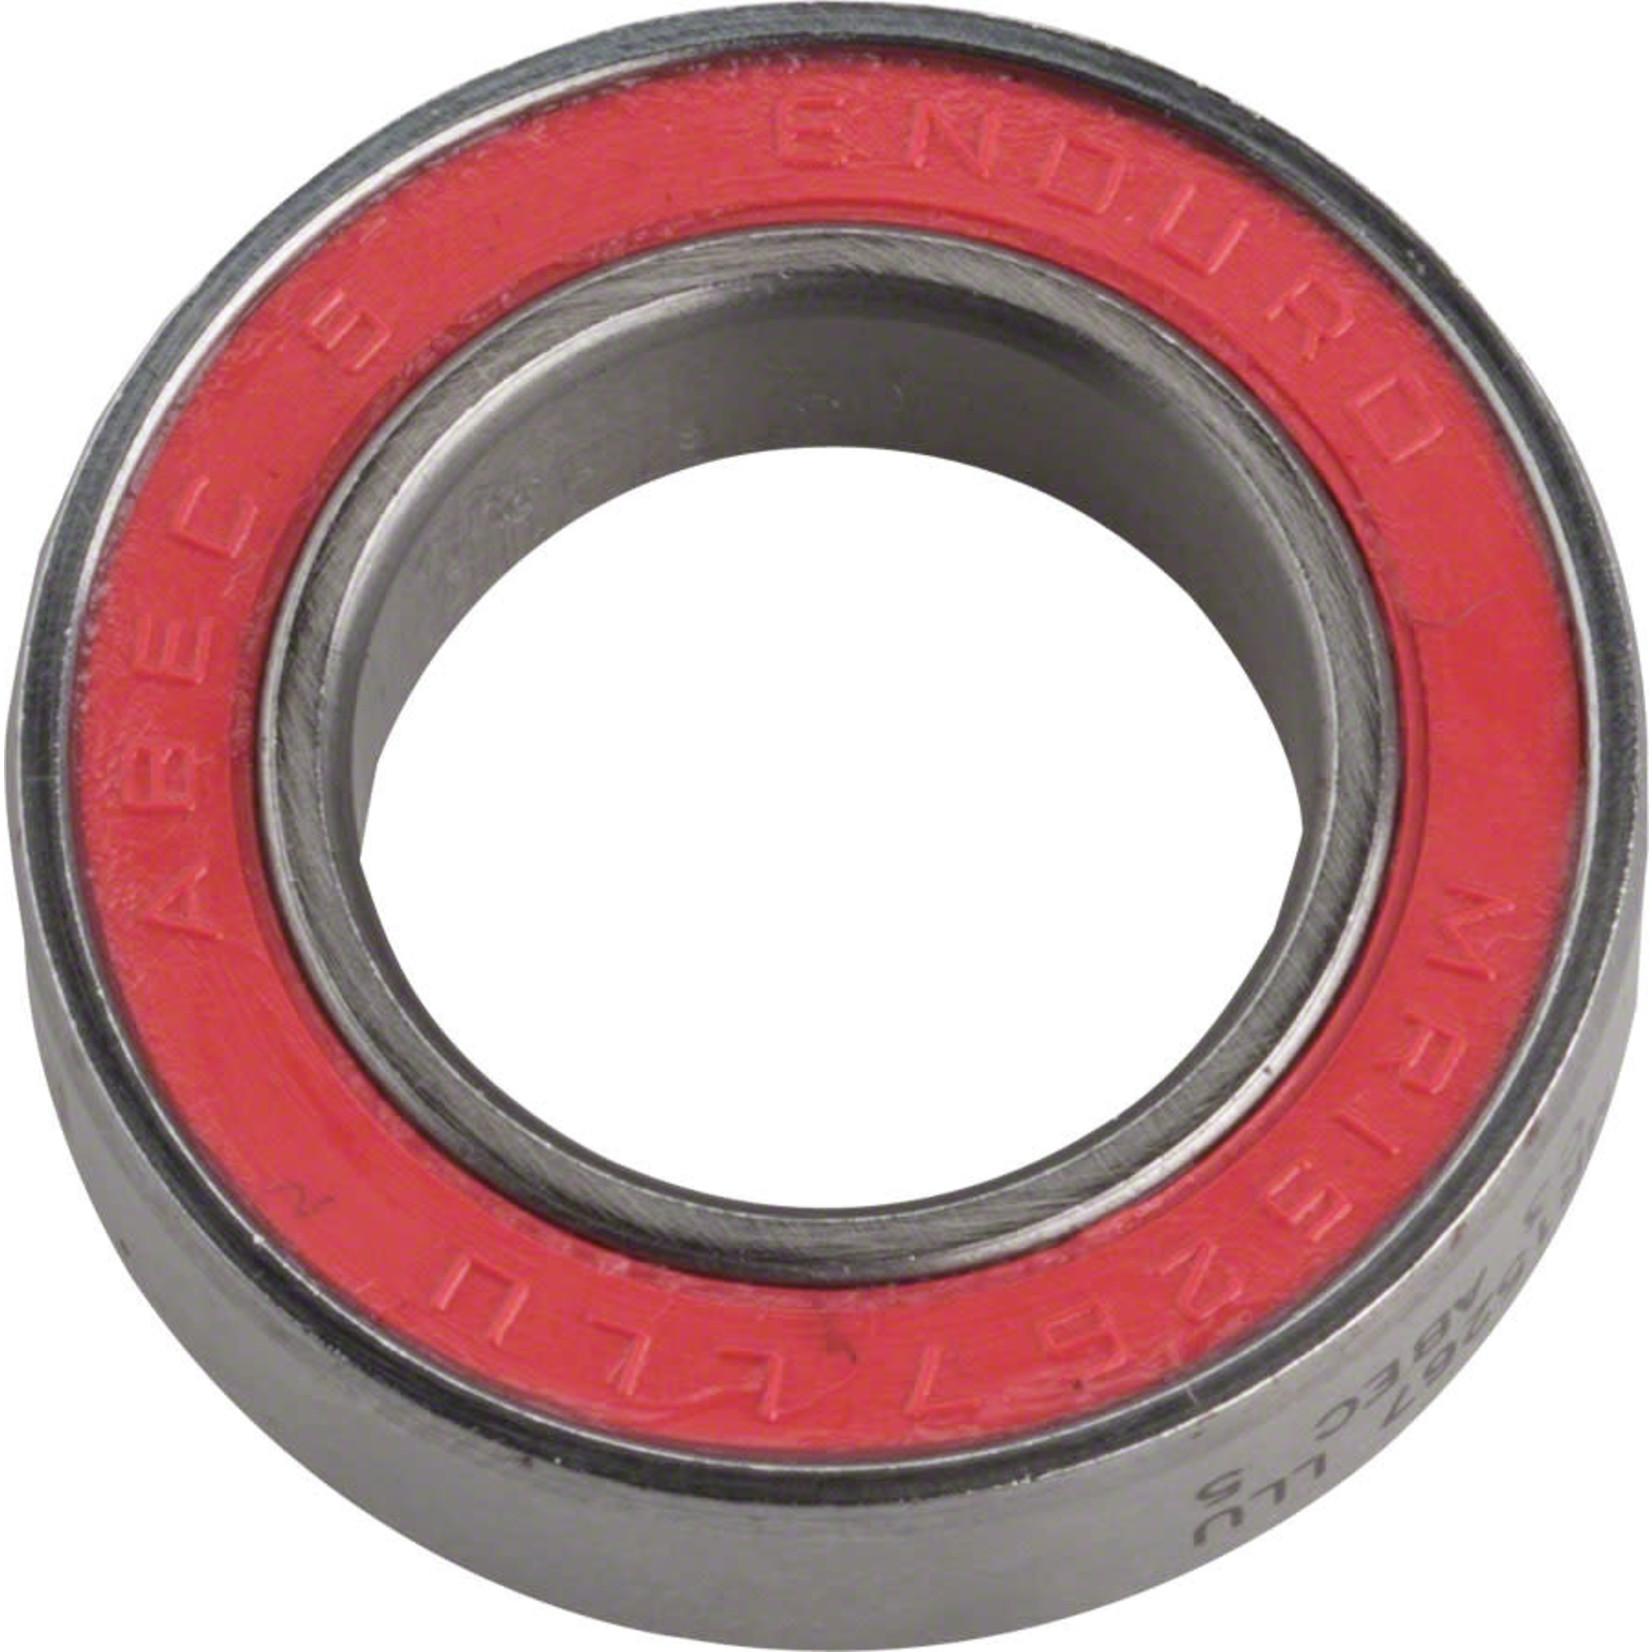 ABI Enduro ABEC 5 15267 LLU Sealed Cartridge Bearing